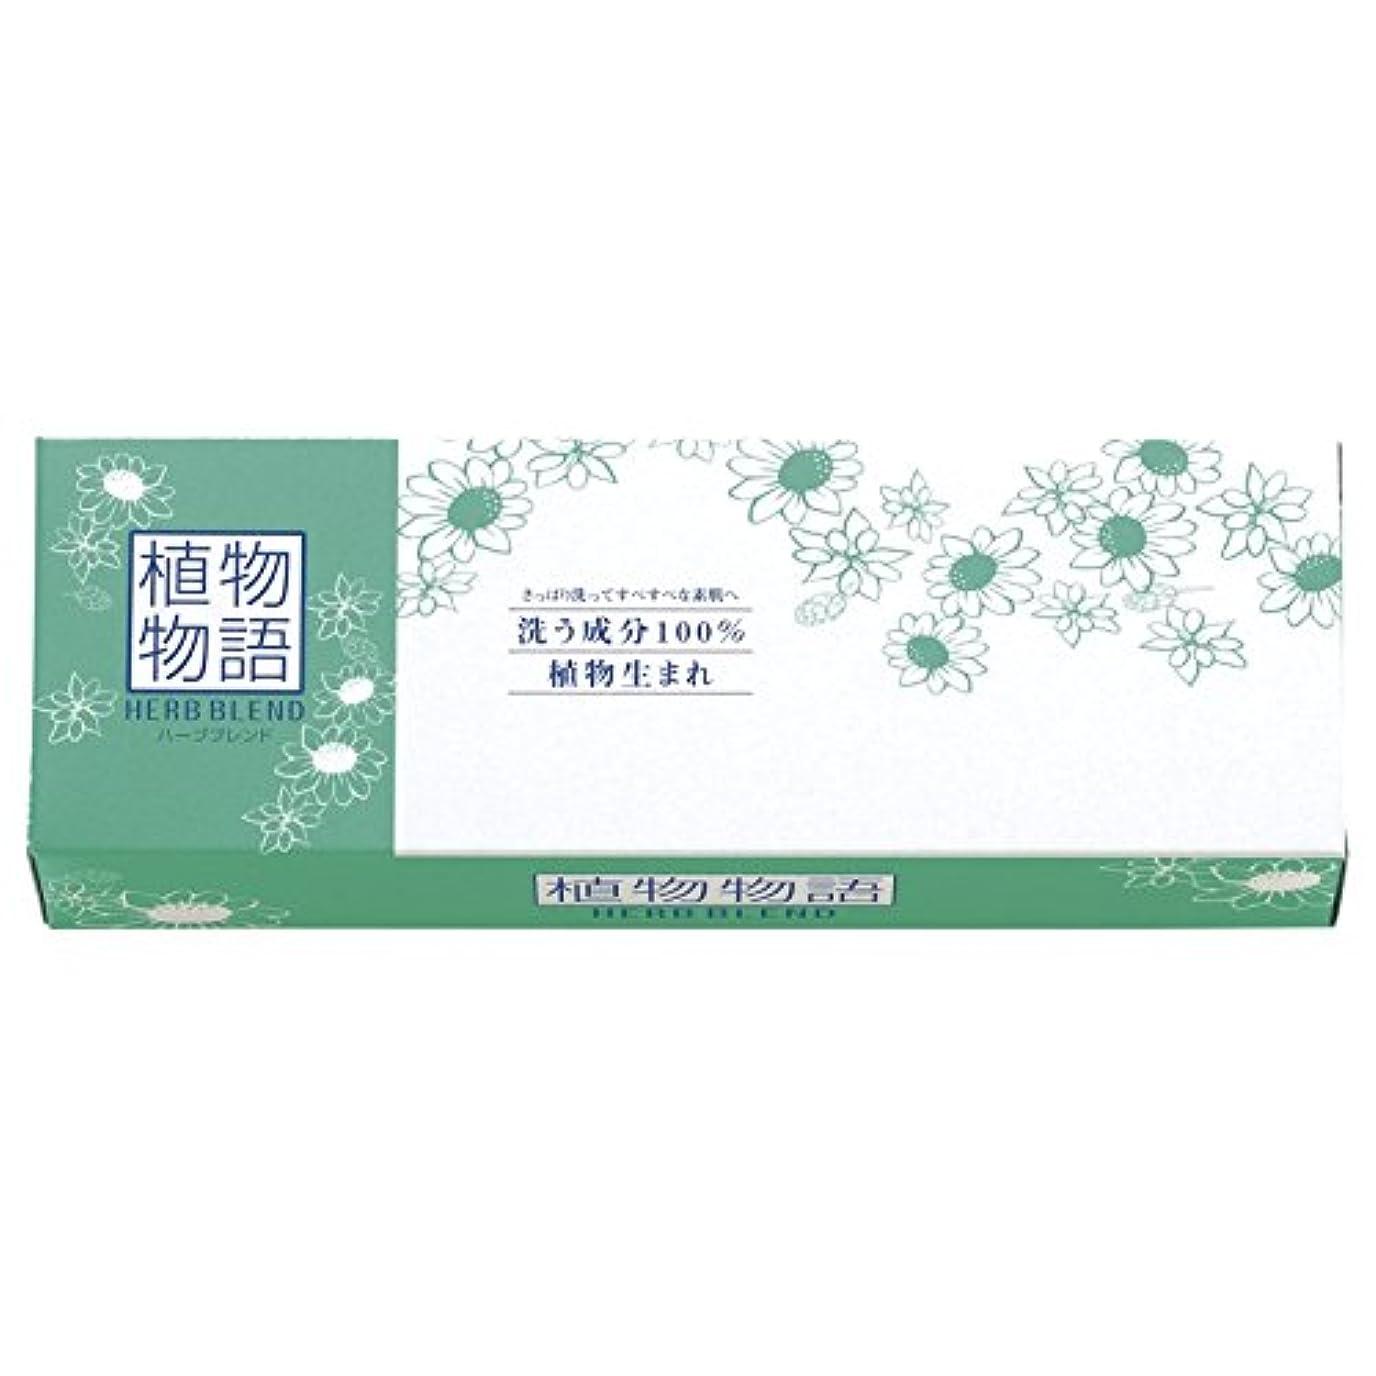 推測キウイしかしながらライオン 植物物語ハーブブレンド化粧石鹸2個箱 KST802 【粗品 天然素材 ハーブ 2個 固形石鹸 からだ用 ハーブ 優しい お風呂 こども やさしい 石けん せっけん】